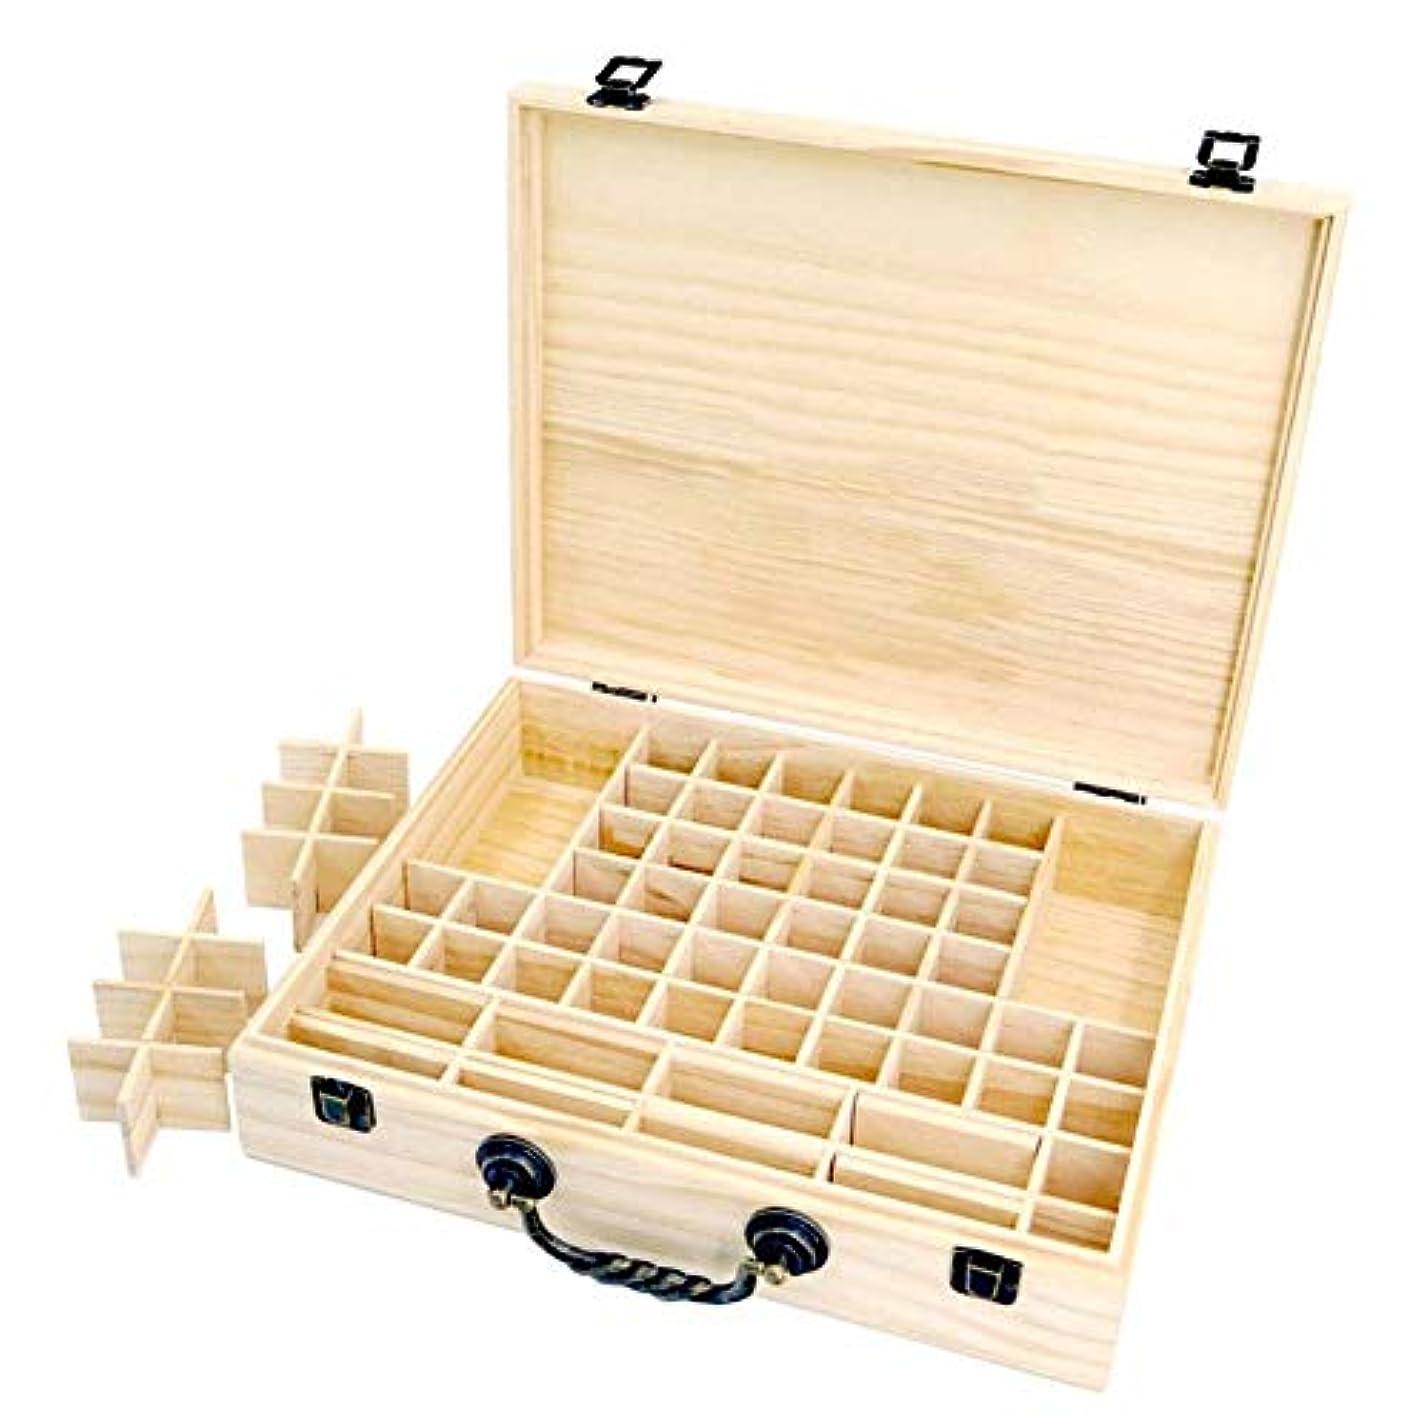 誓いでるフィードオンエッセンシャルオイル収納ボックス 収納ケース 保存ボックス パイン製 取り外し可能なメッシュ 70グリッド 持ち運び便利 junexi